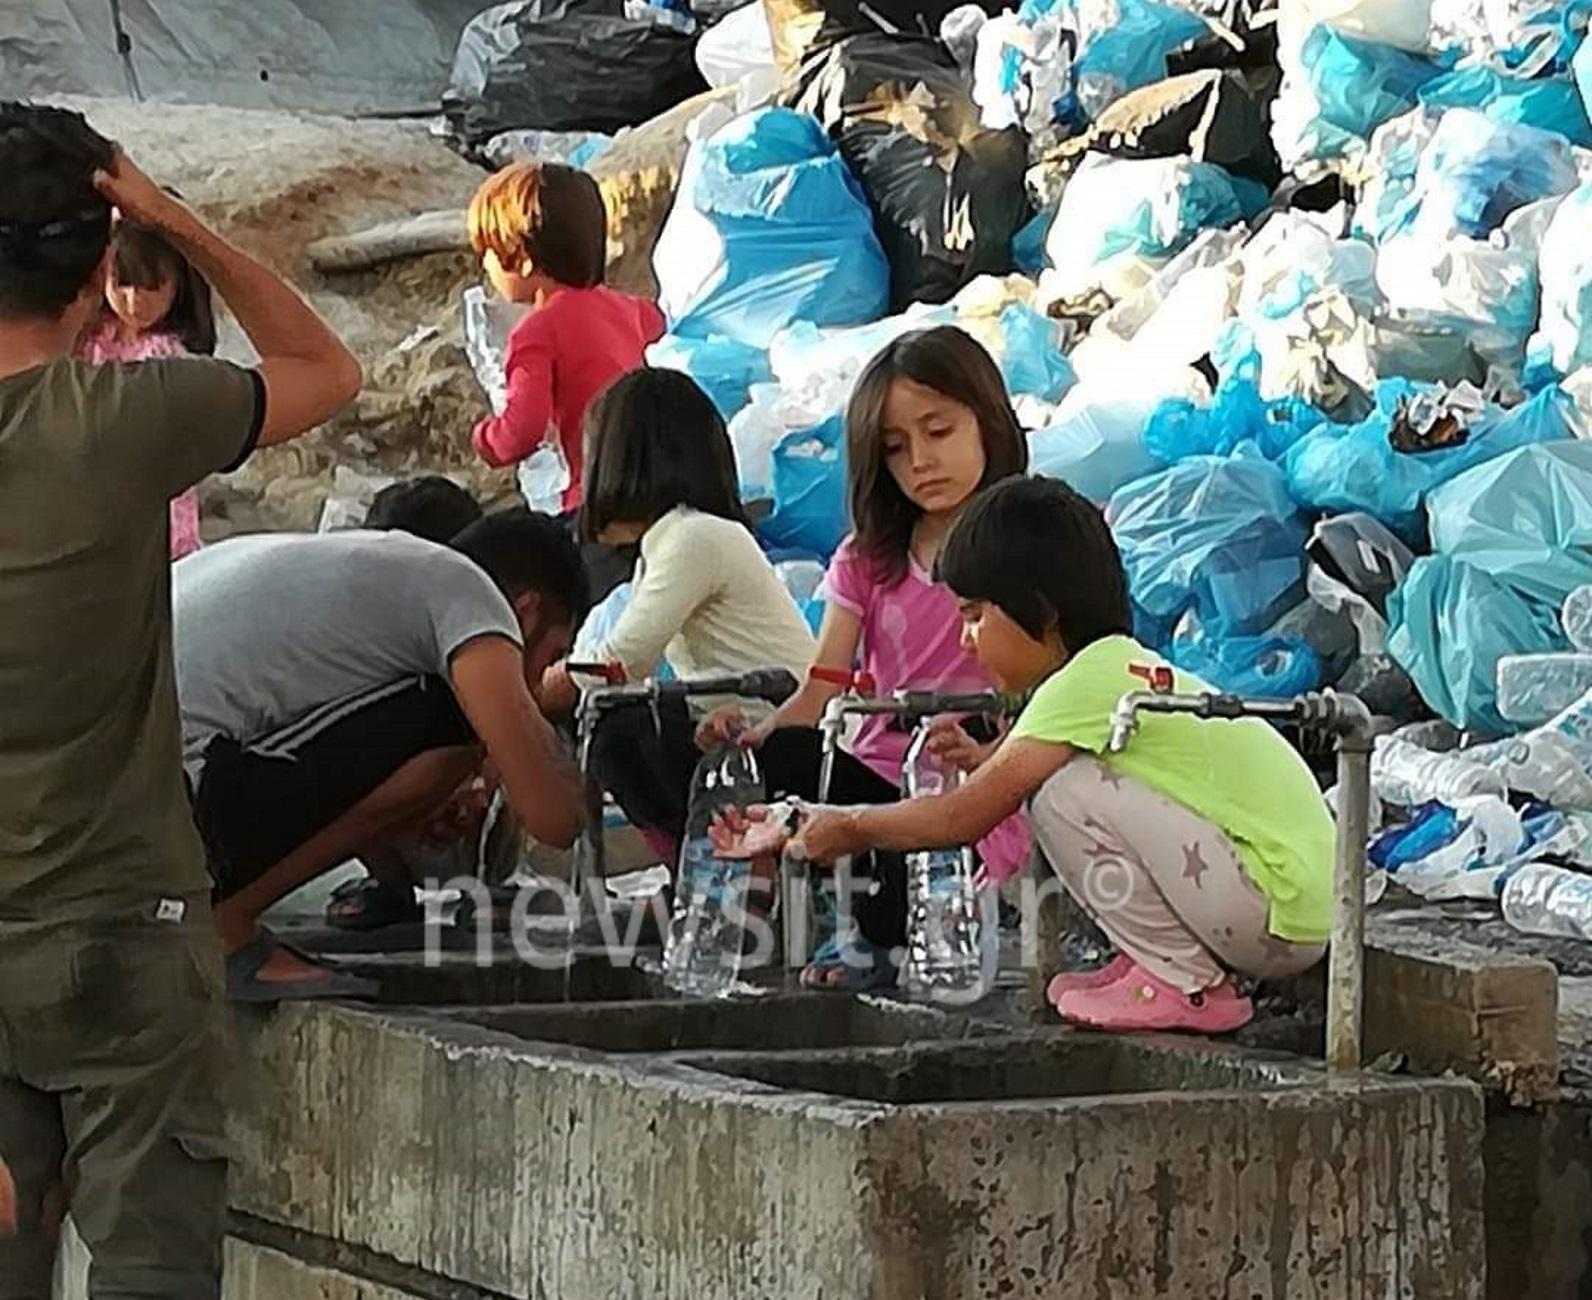 """Λέσβος: """"Ασφυξία"""" στον καταυλισμό της Μόριας με 15.000 μετανάστες – Επιστροφή στους αριθμούς του 2015!"""